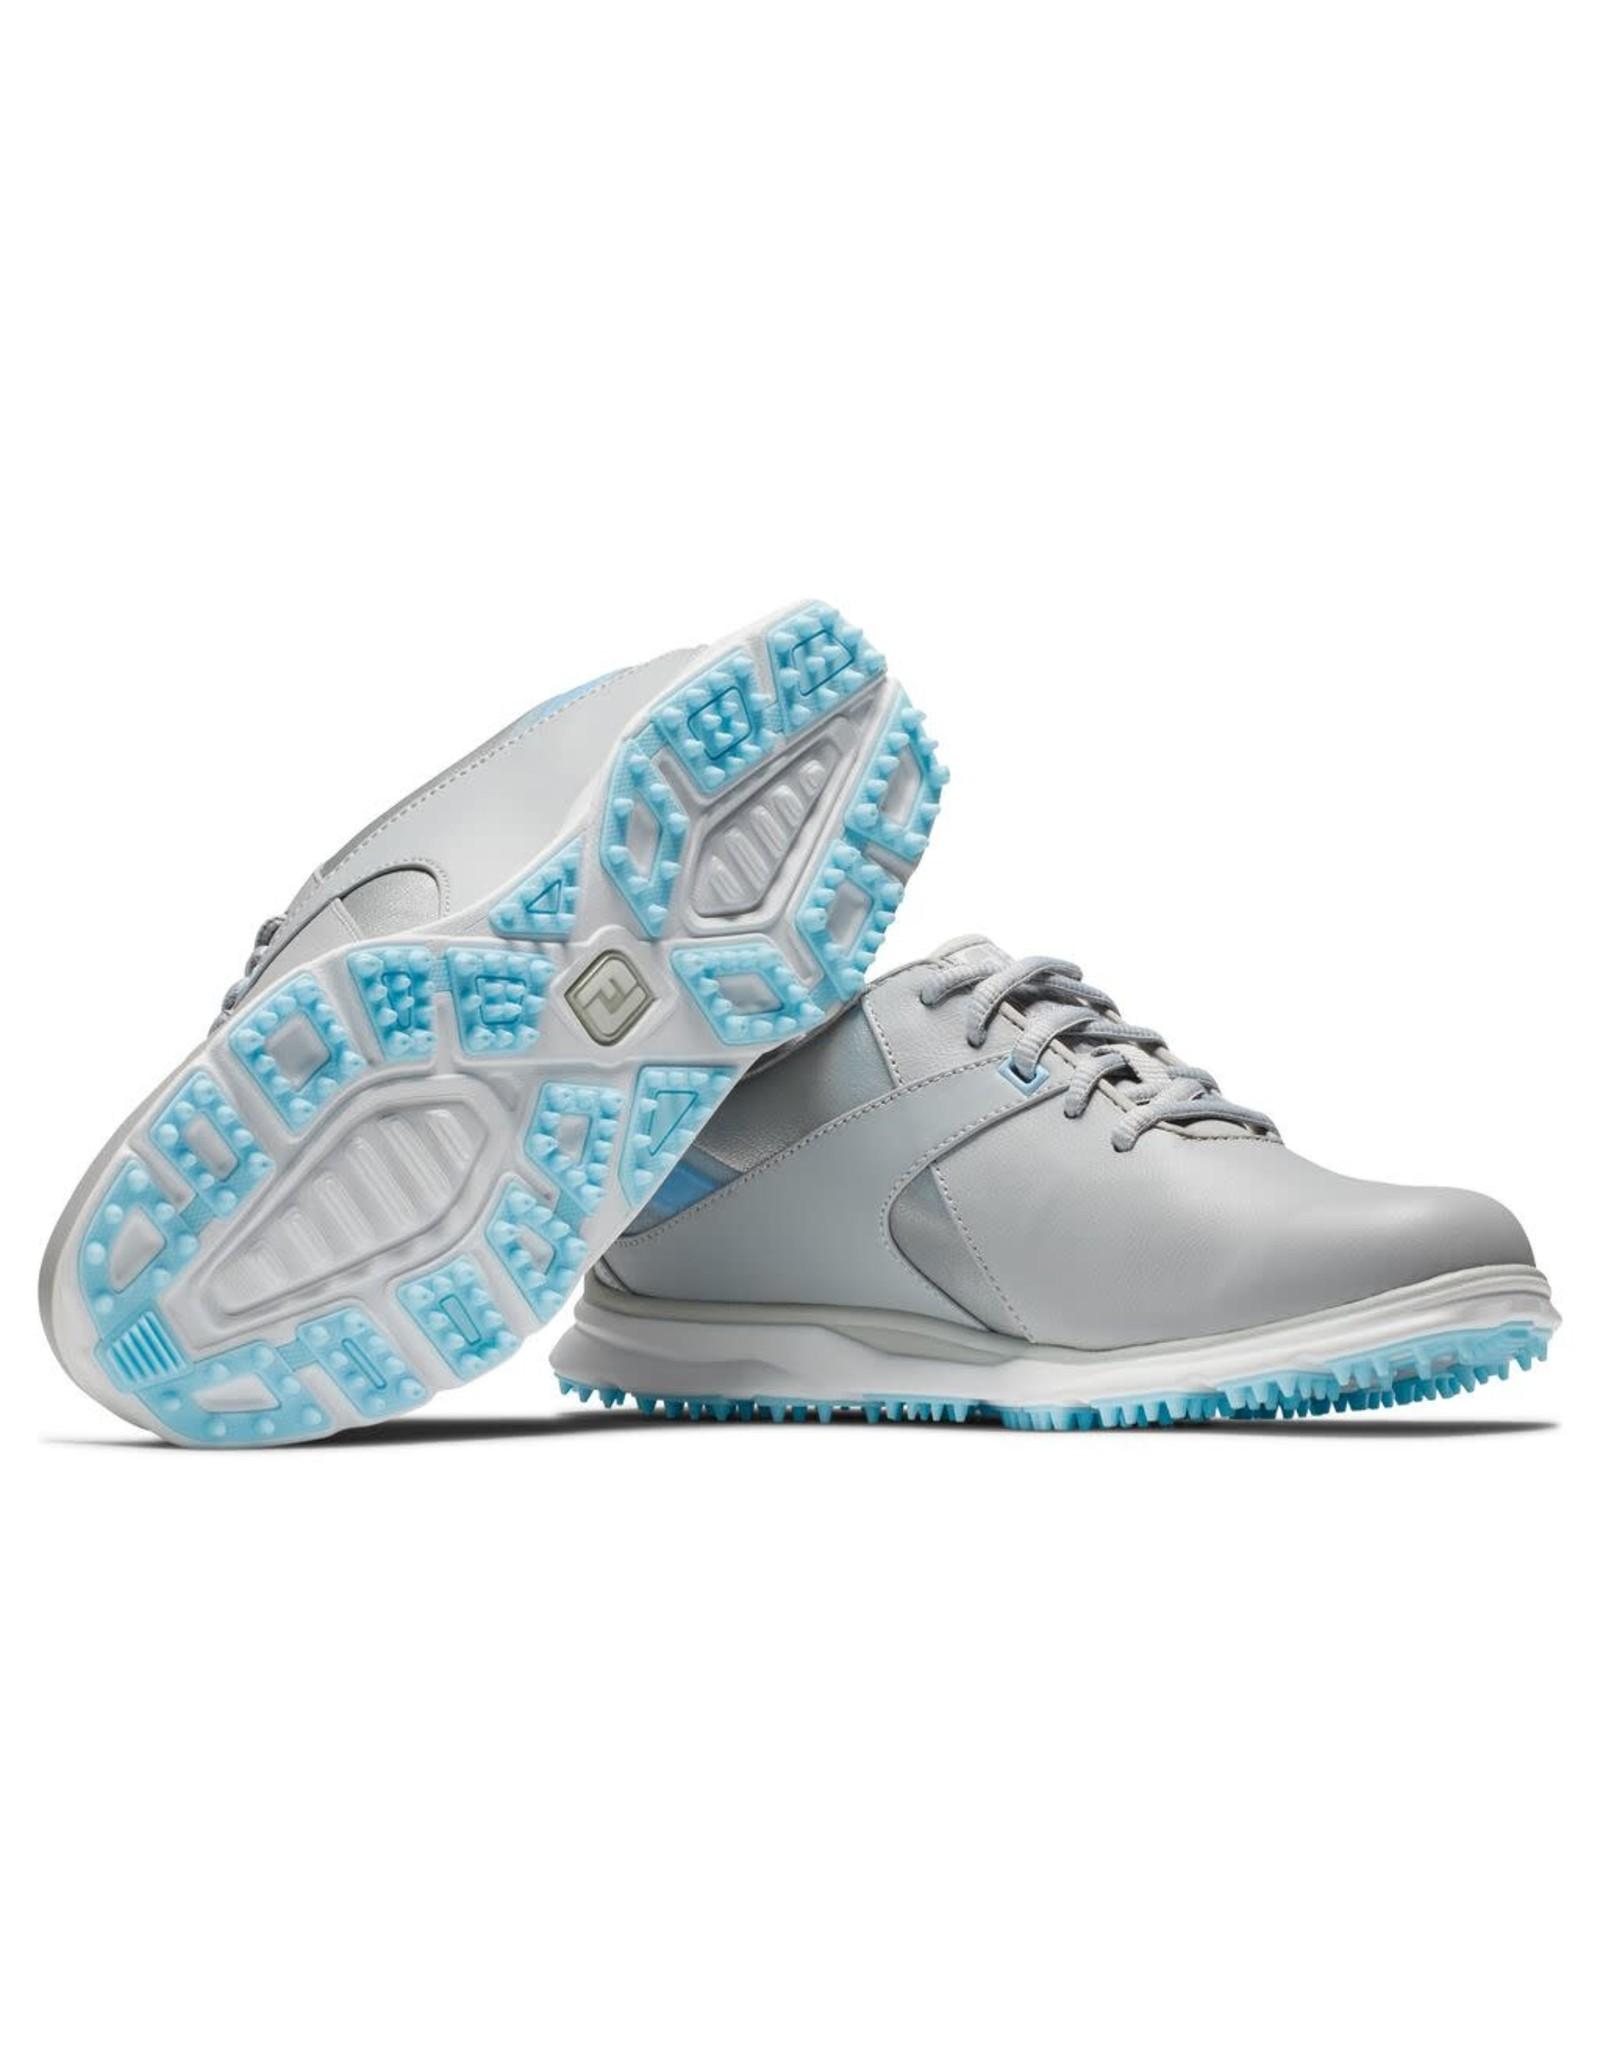 FJ FJ Pro SL Women's Grey/Blue